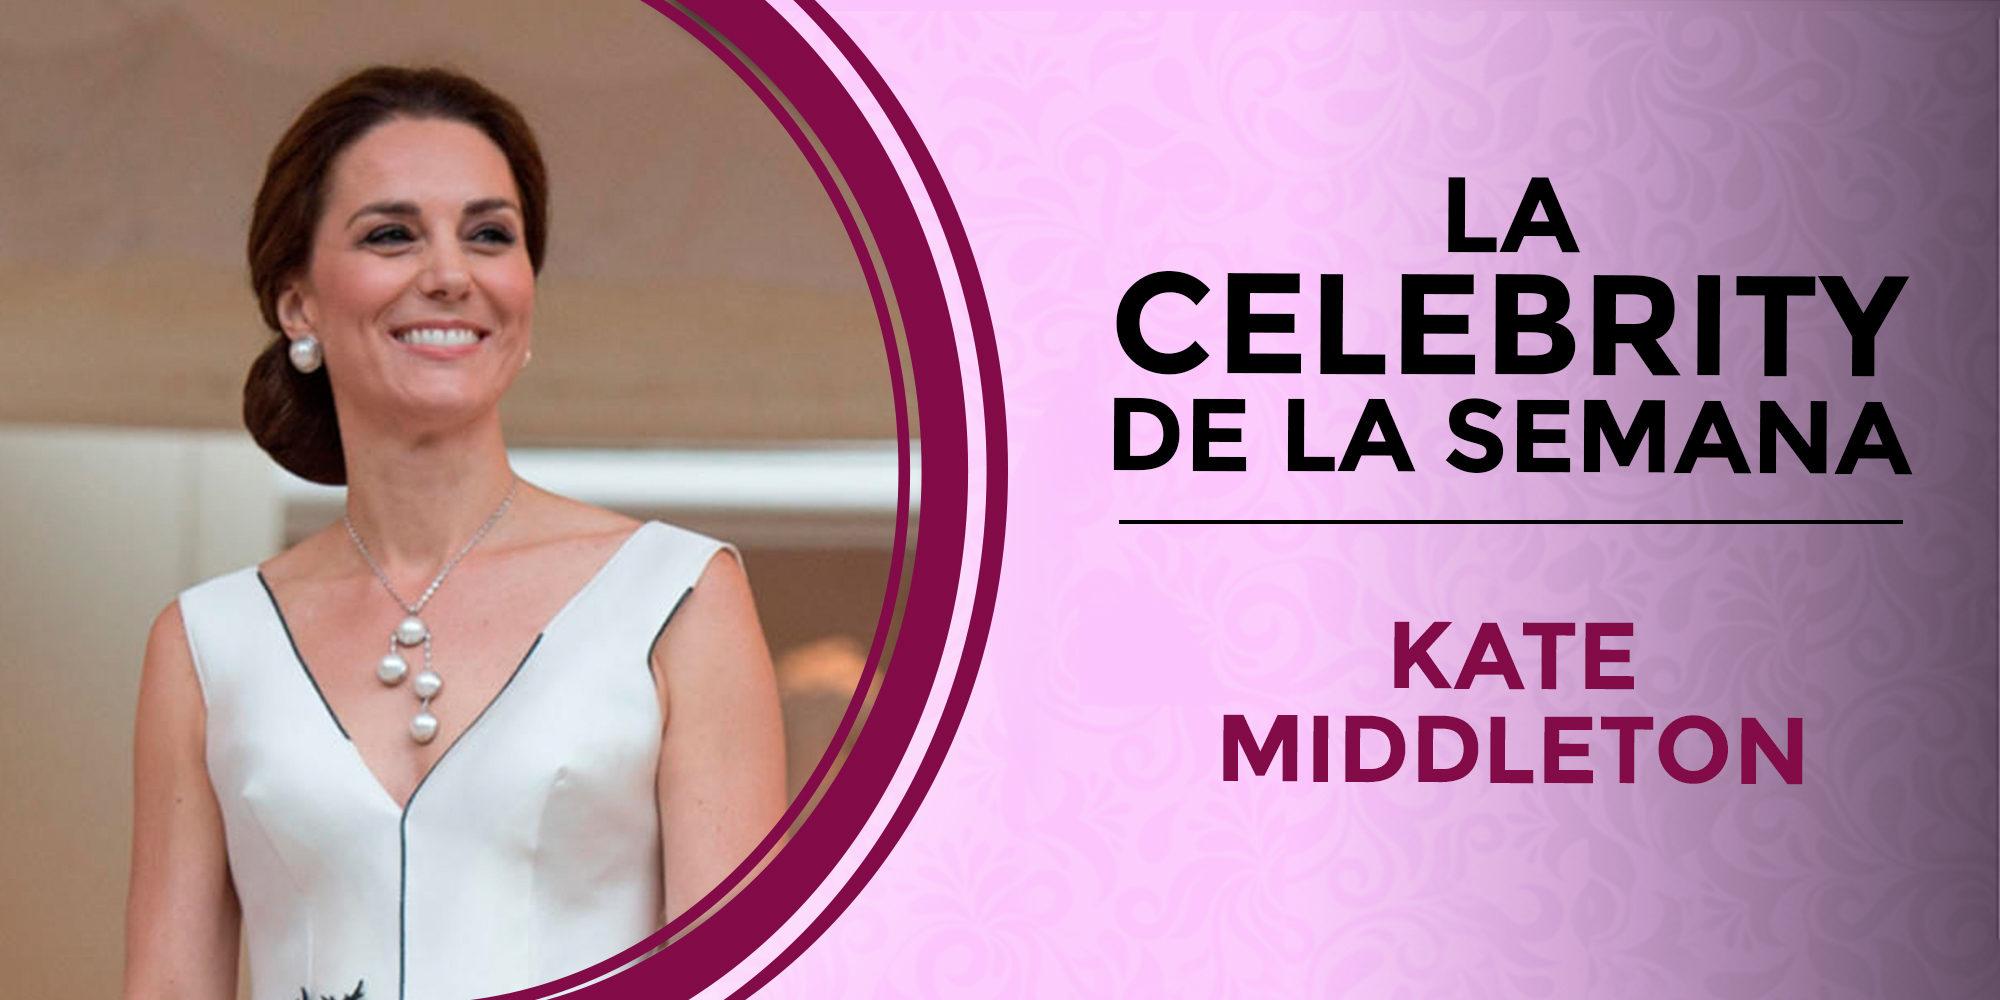 Kate Middleton, la celebrity de la semana por su accidentado embarazo y el agridulce desenlace de su juicio